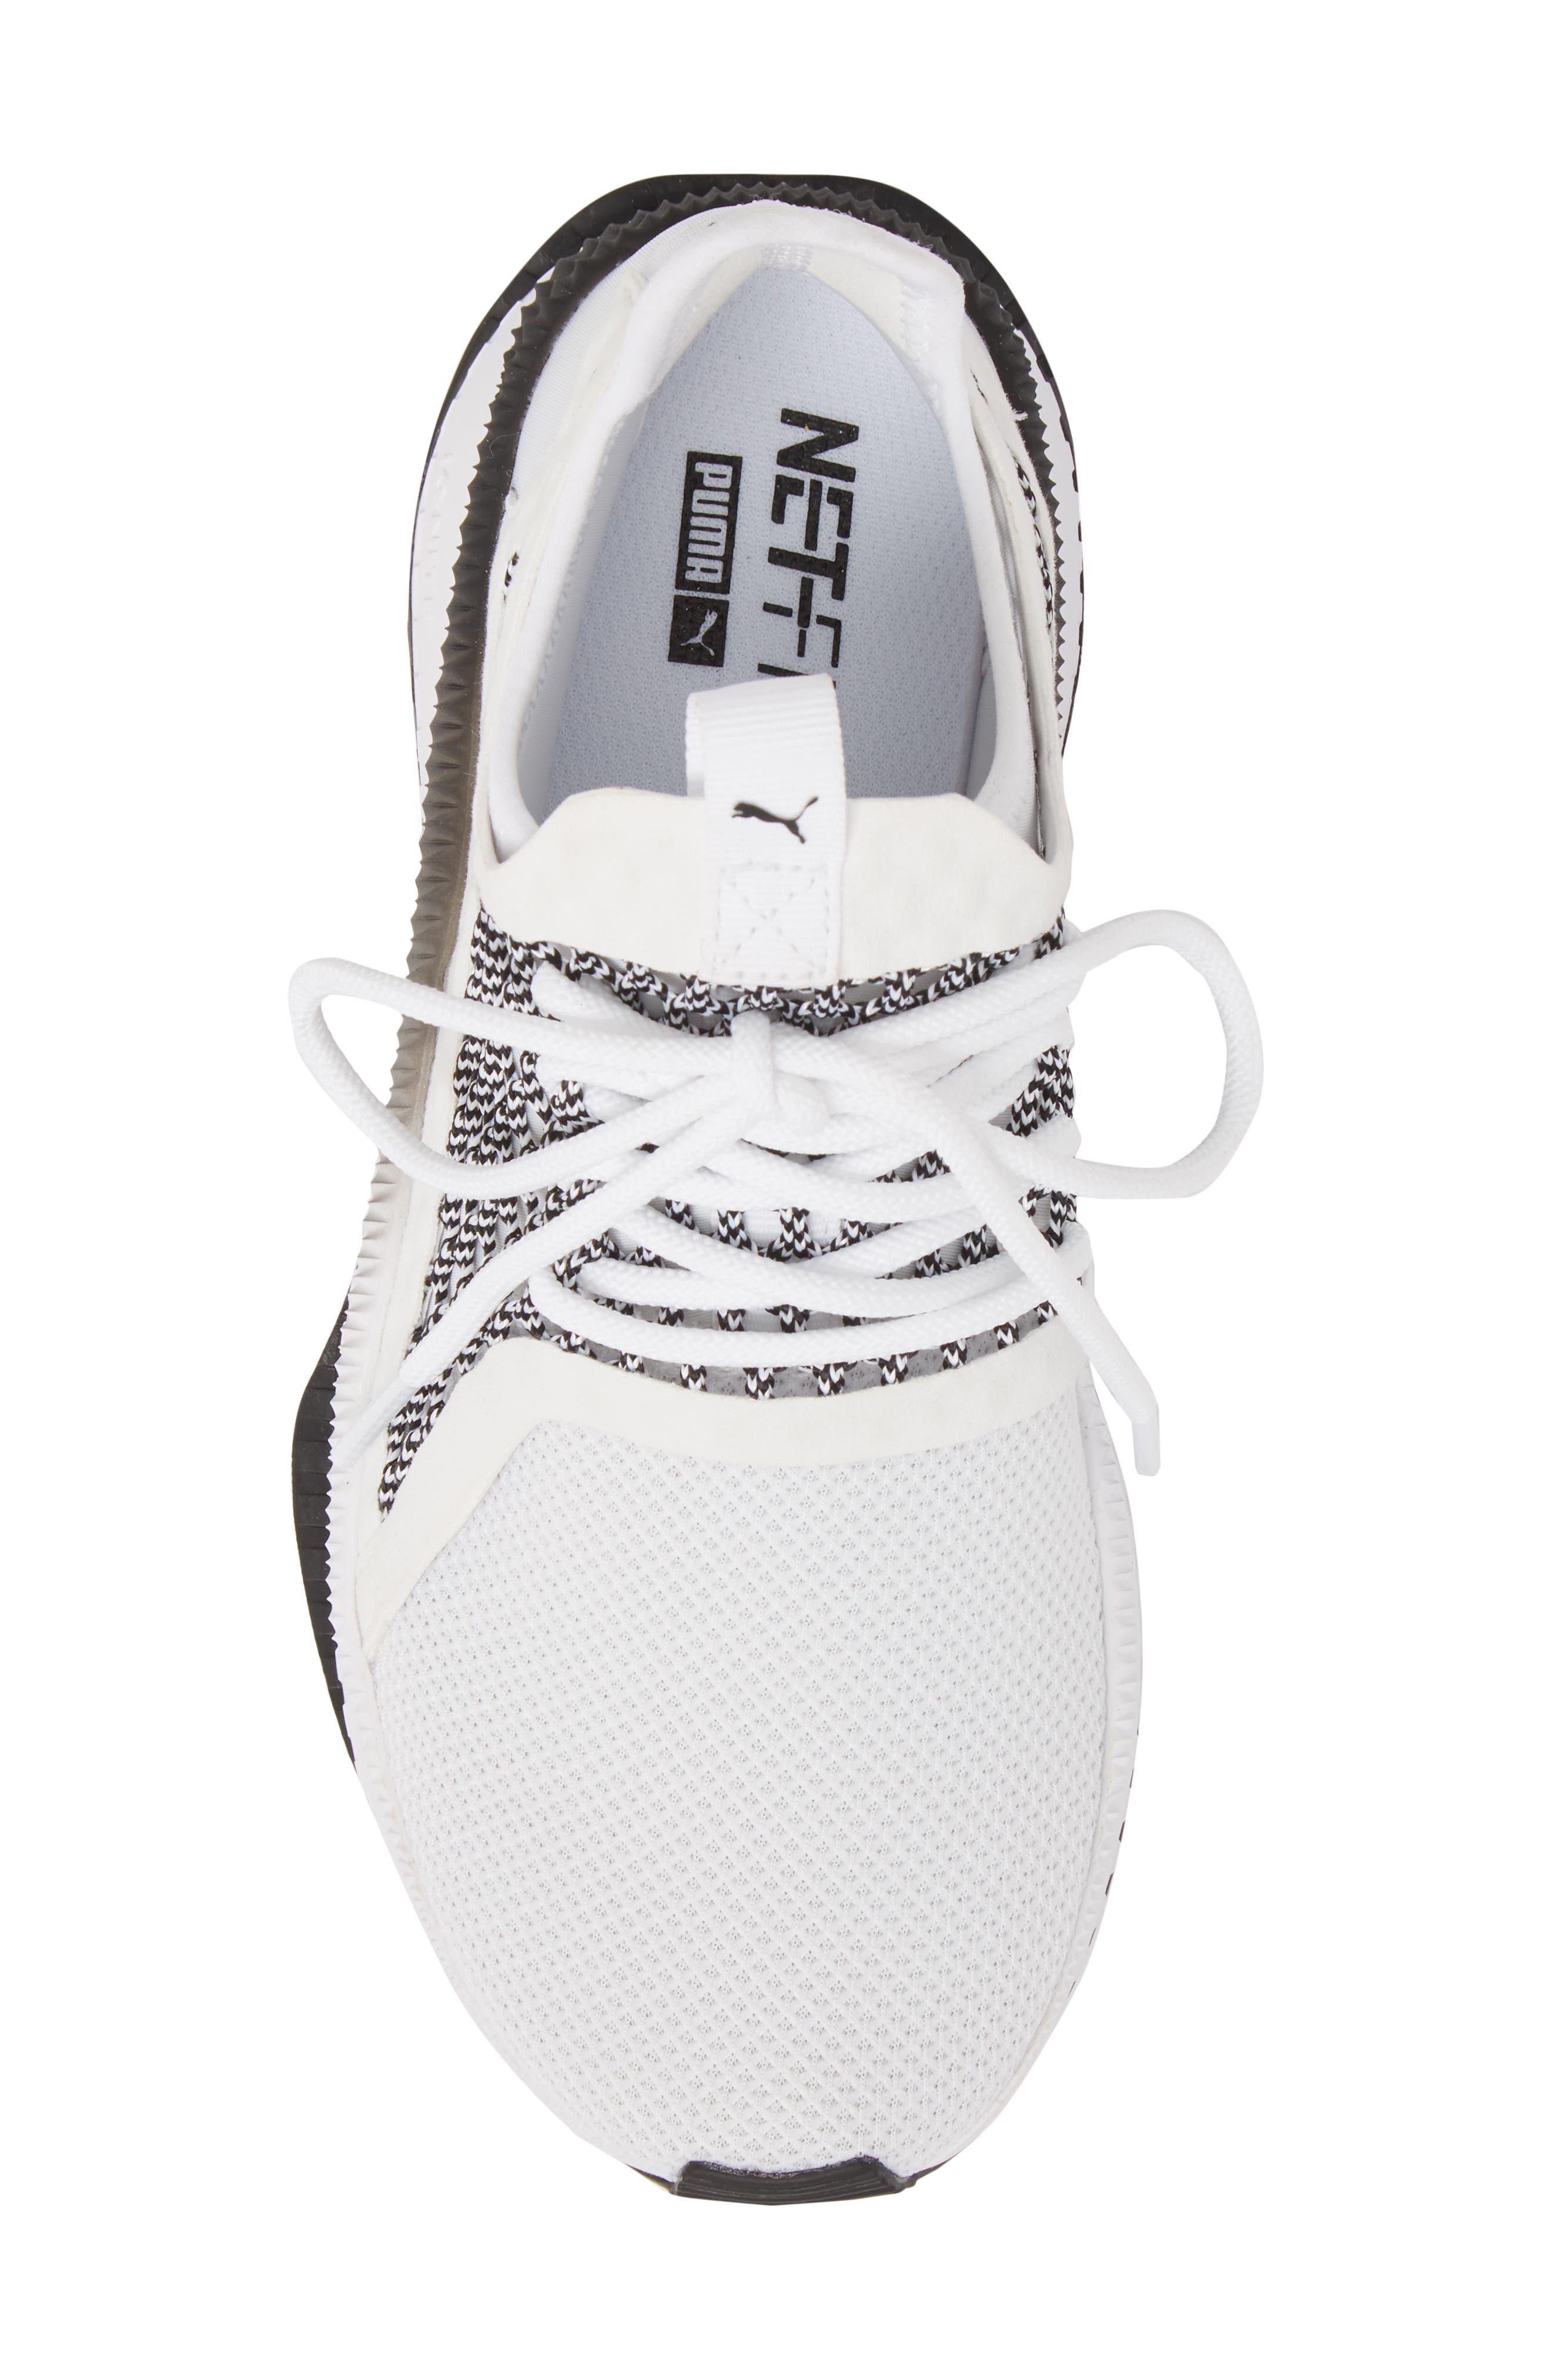 PUMA,                             Tsugi Netfit evoKNIT Training Shoe,                             Alternate thumbnail 5, color,                             100